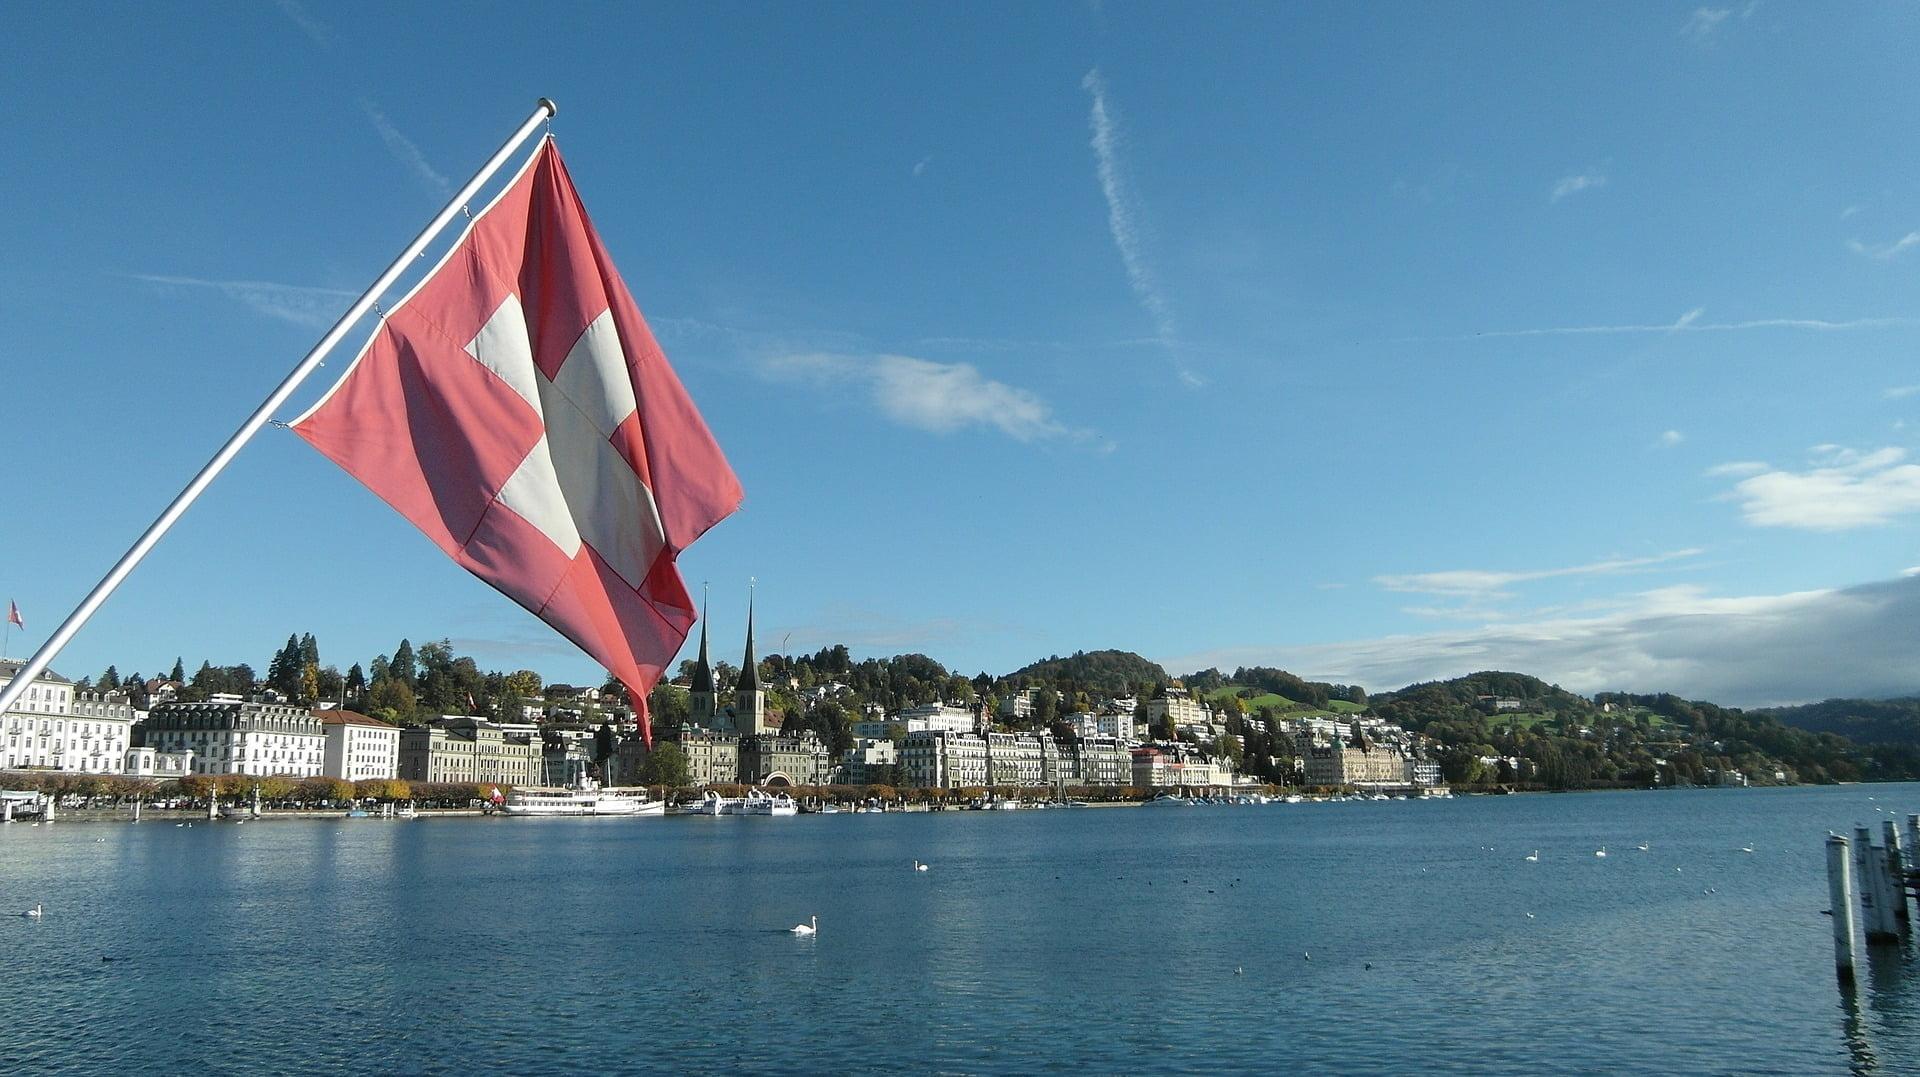 Organisme de régulation FINMA en Suisse